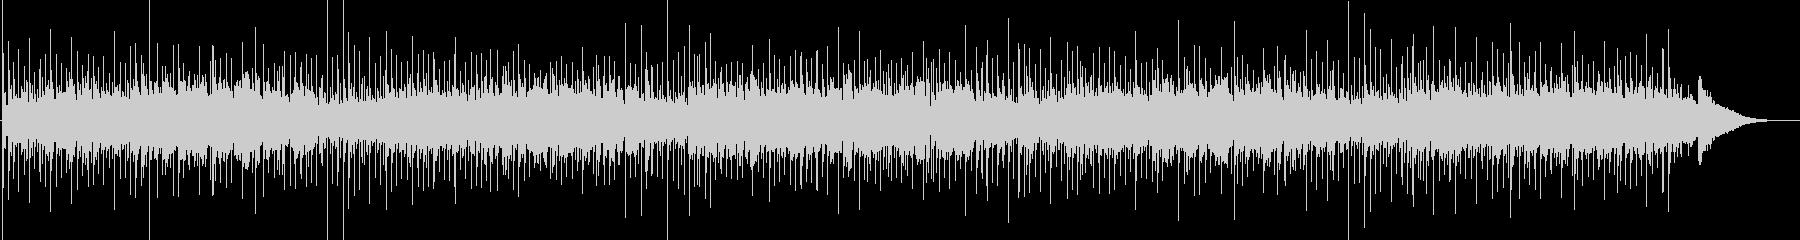 アコギによるリラックスできるヒーリング曲の未再生の波形